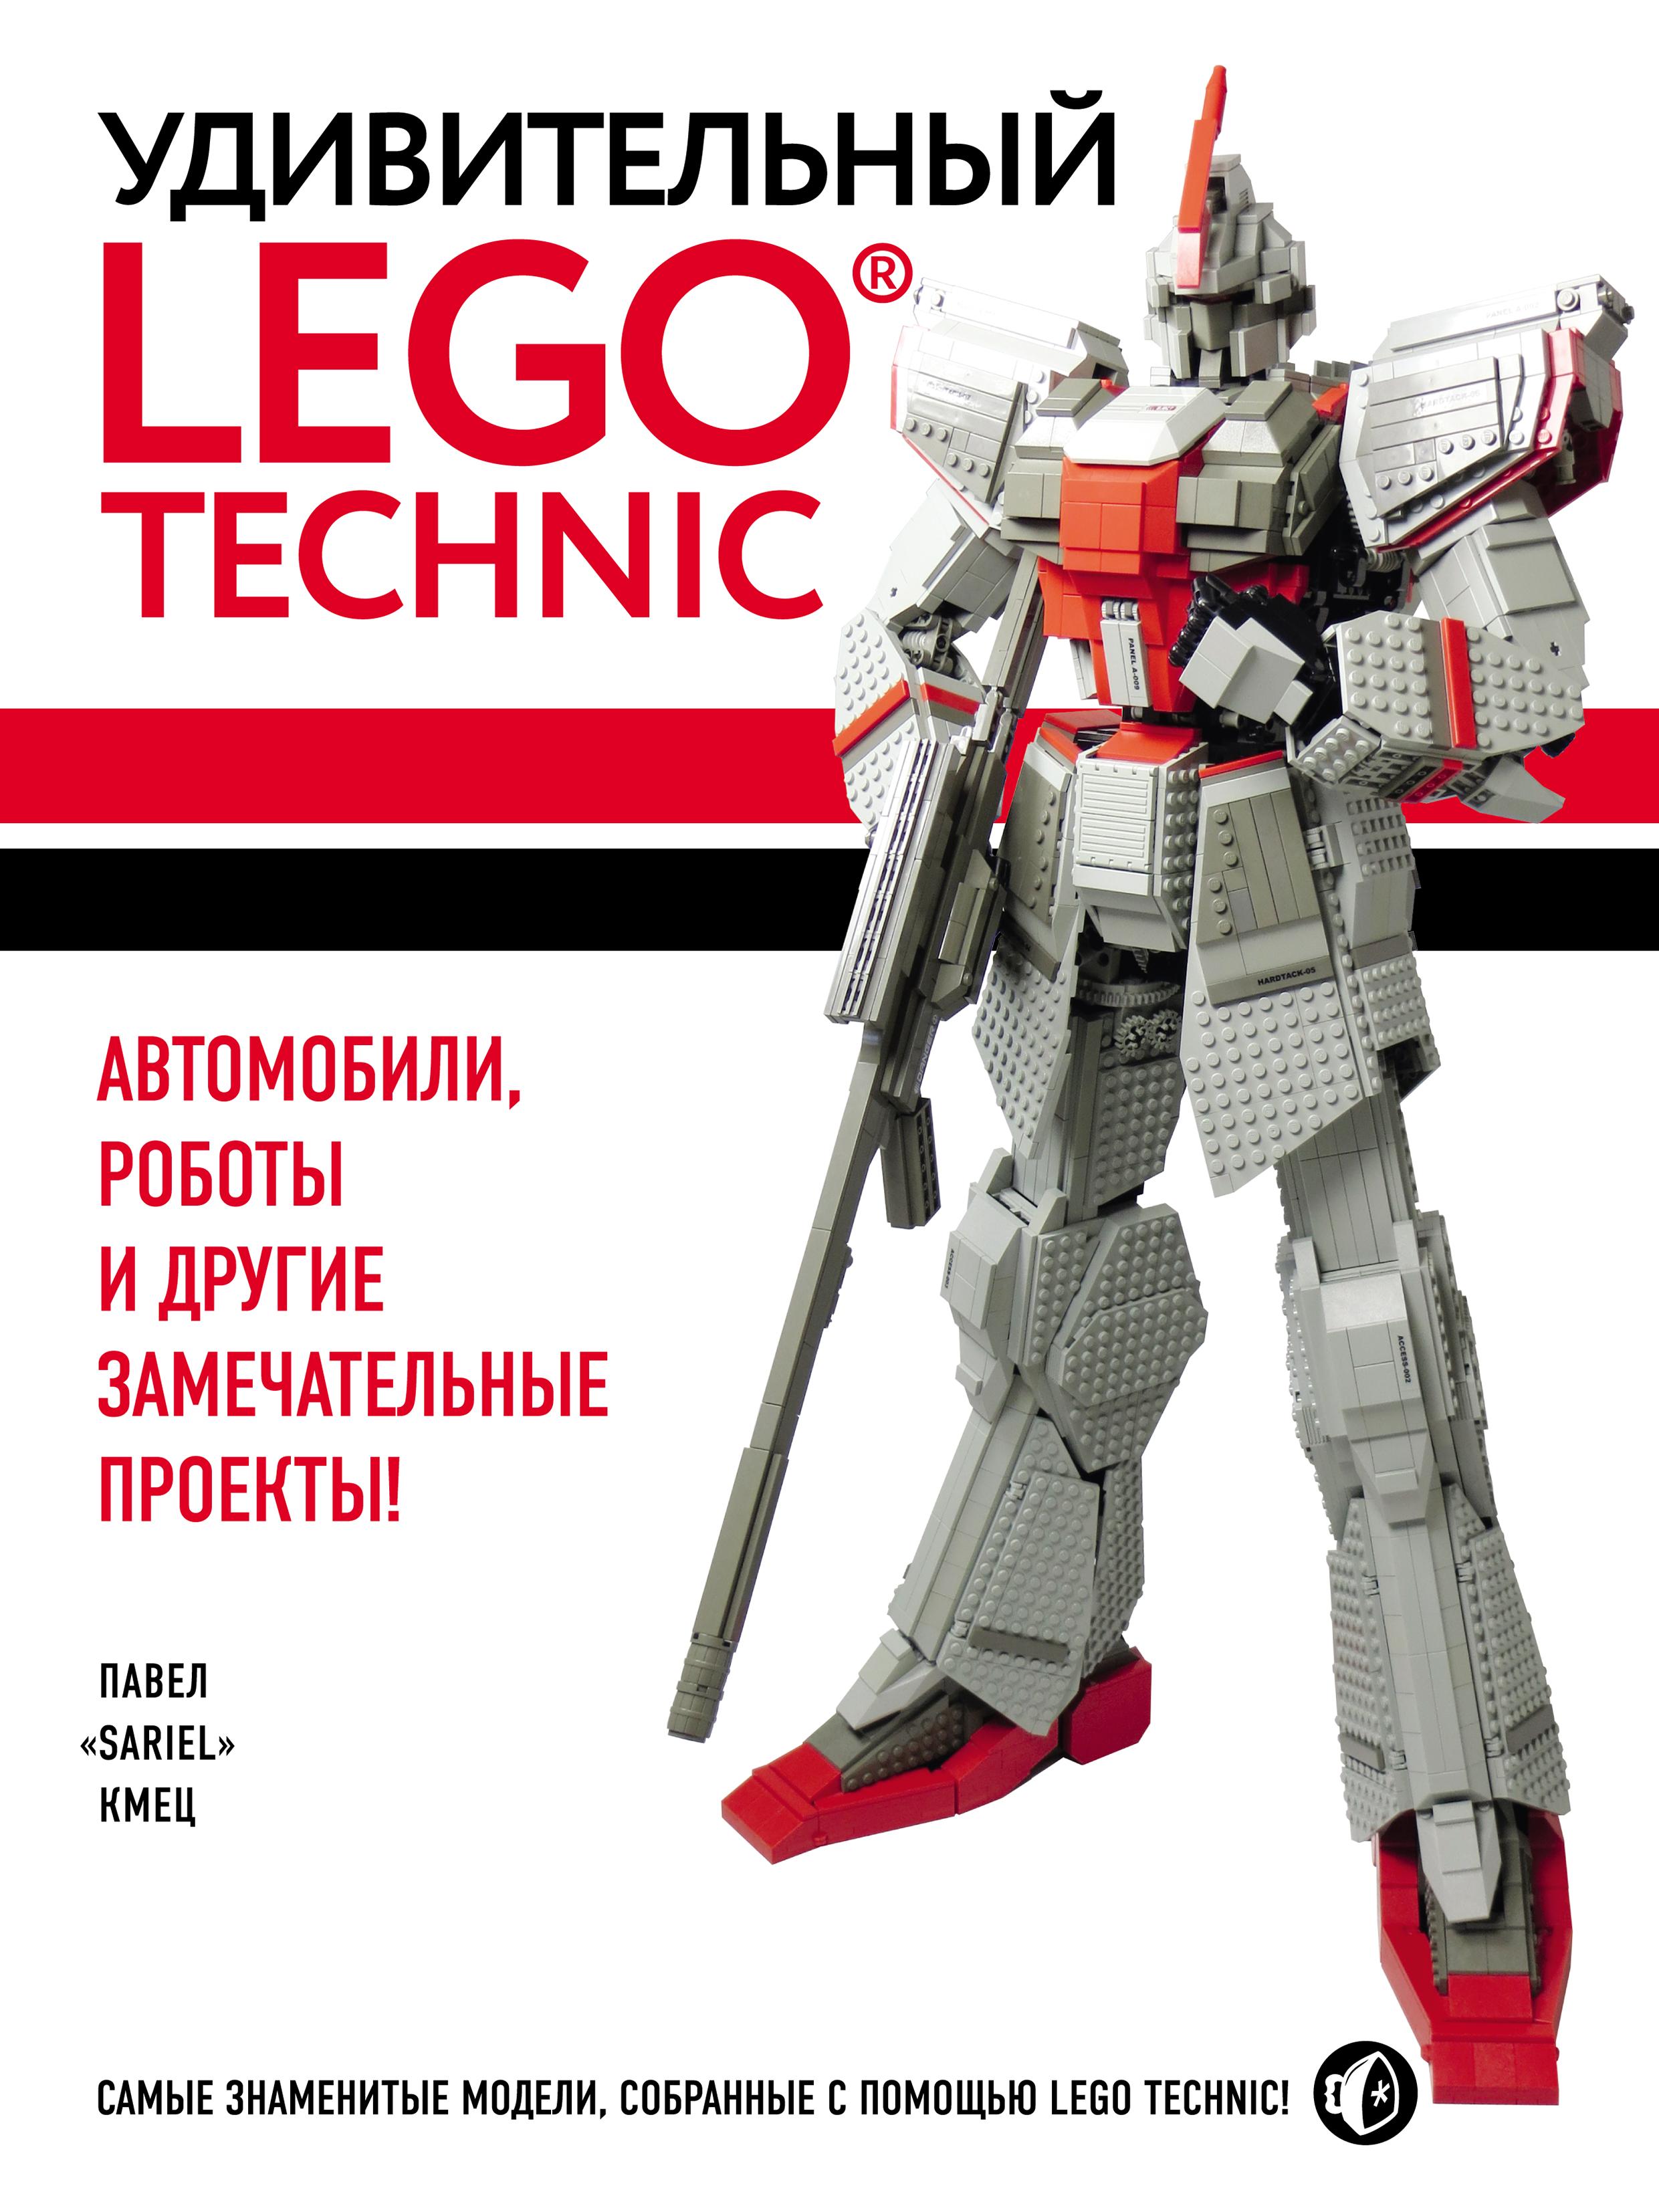 Павел Кмец Удивительный LEGO Technic. Автомобили, роботы и другие замечательные проекты!